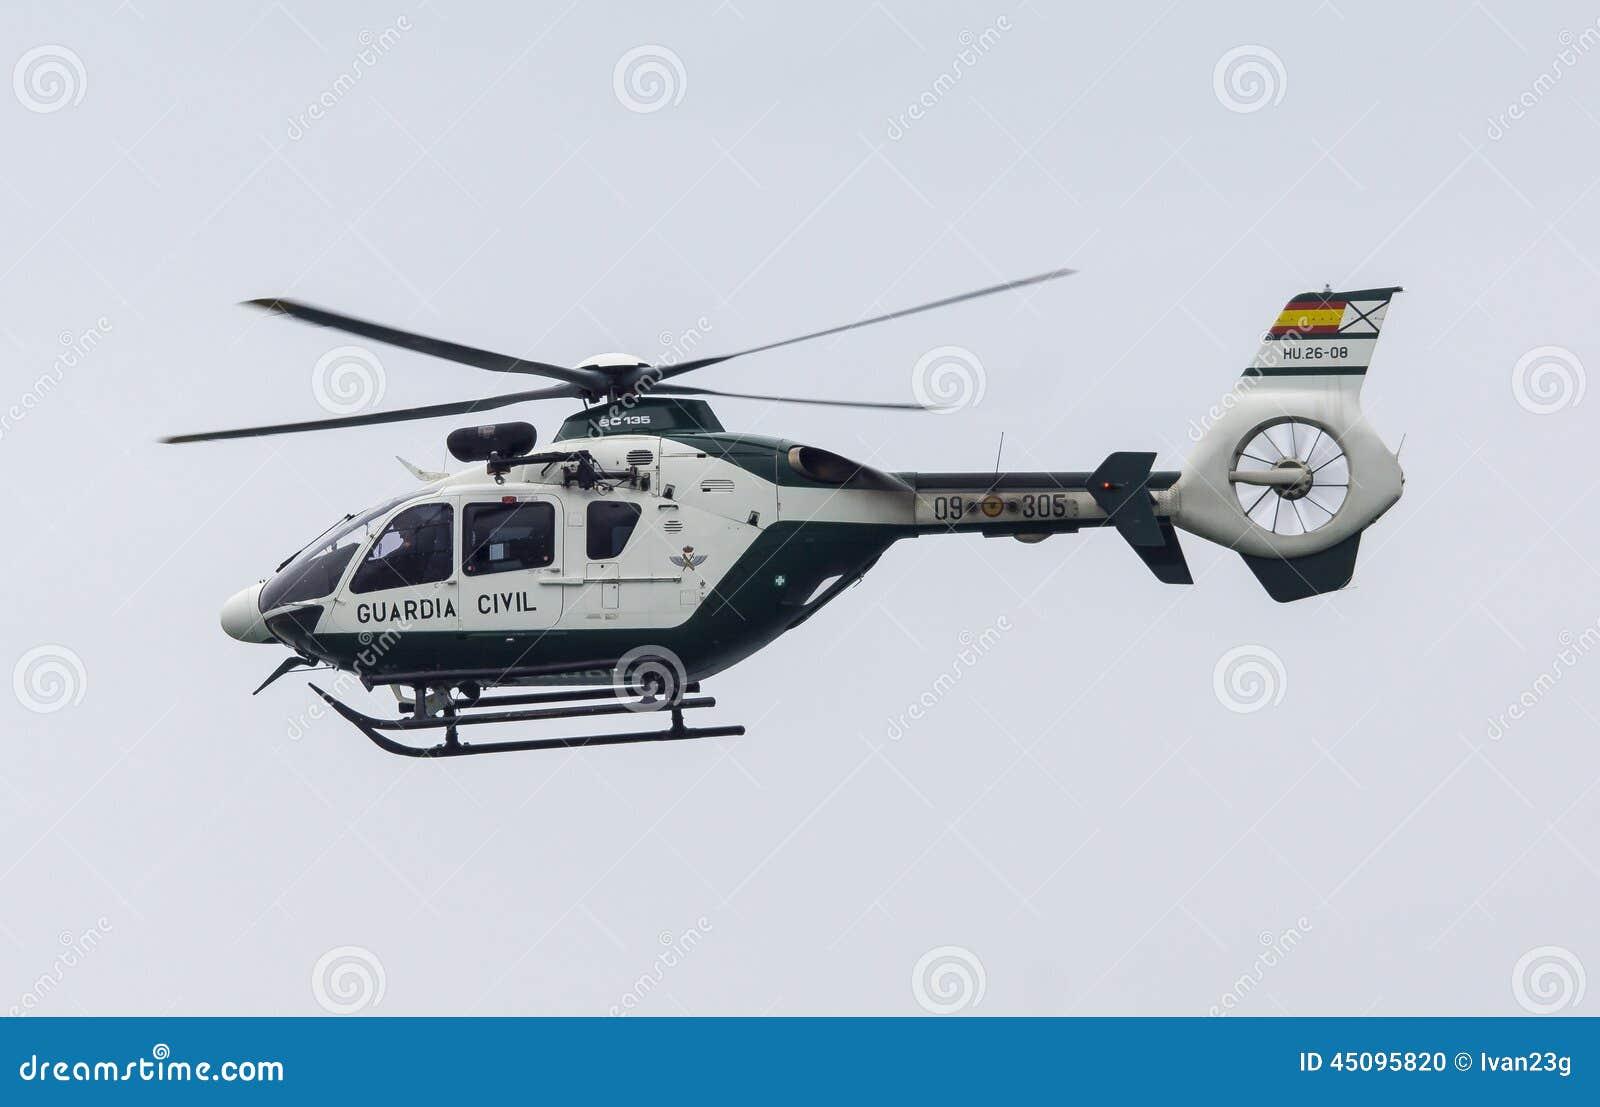 Elicottero 450 : Elicottero civile di guardia dello spagnolo immagine editoriale